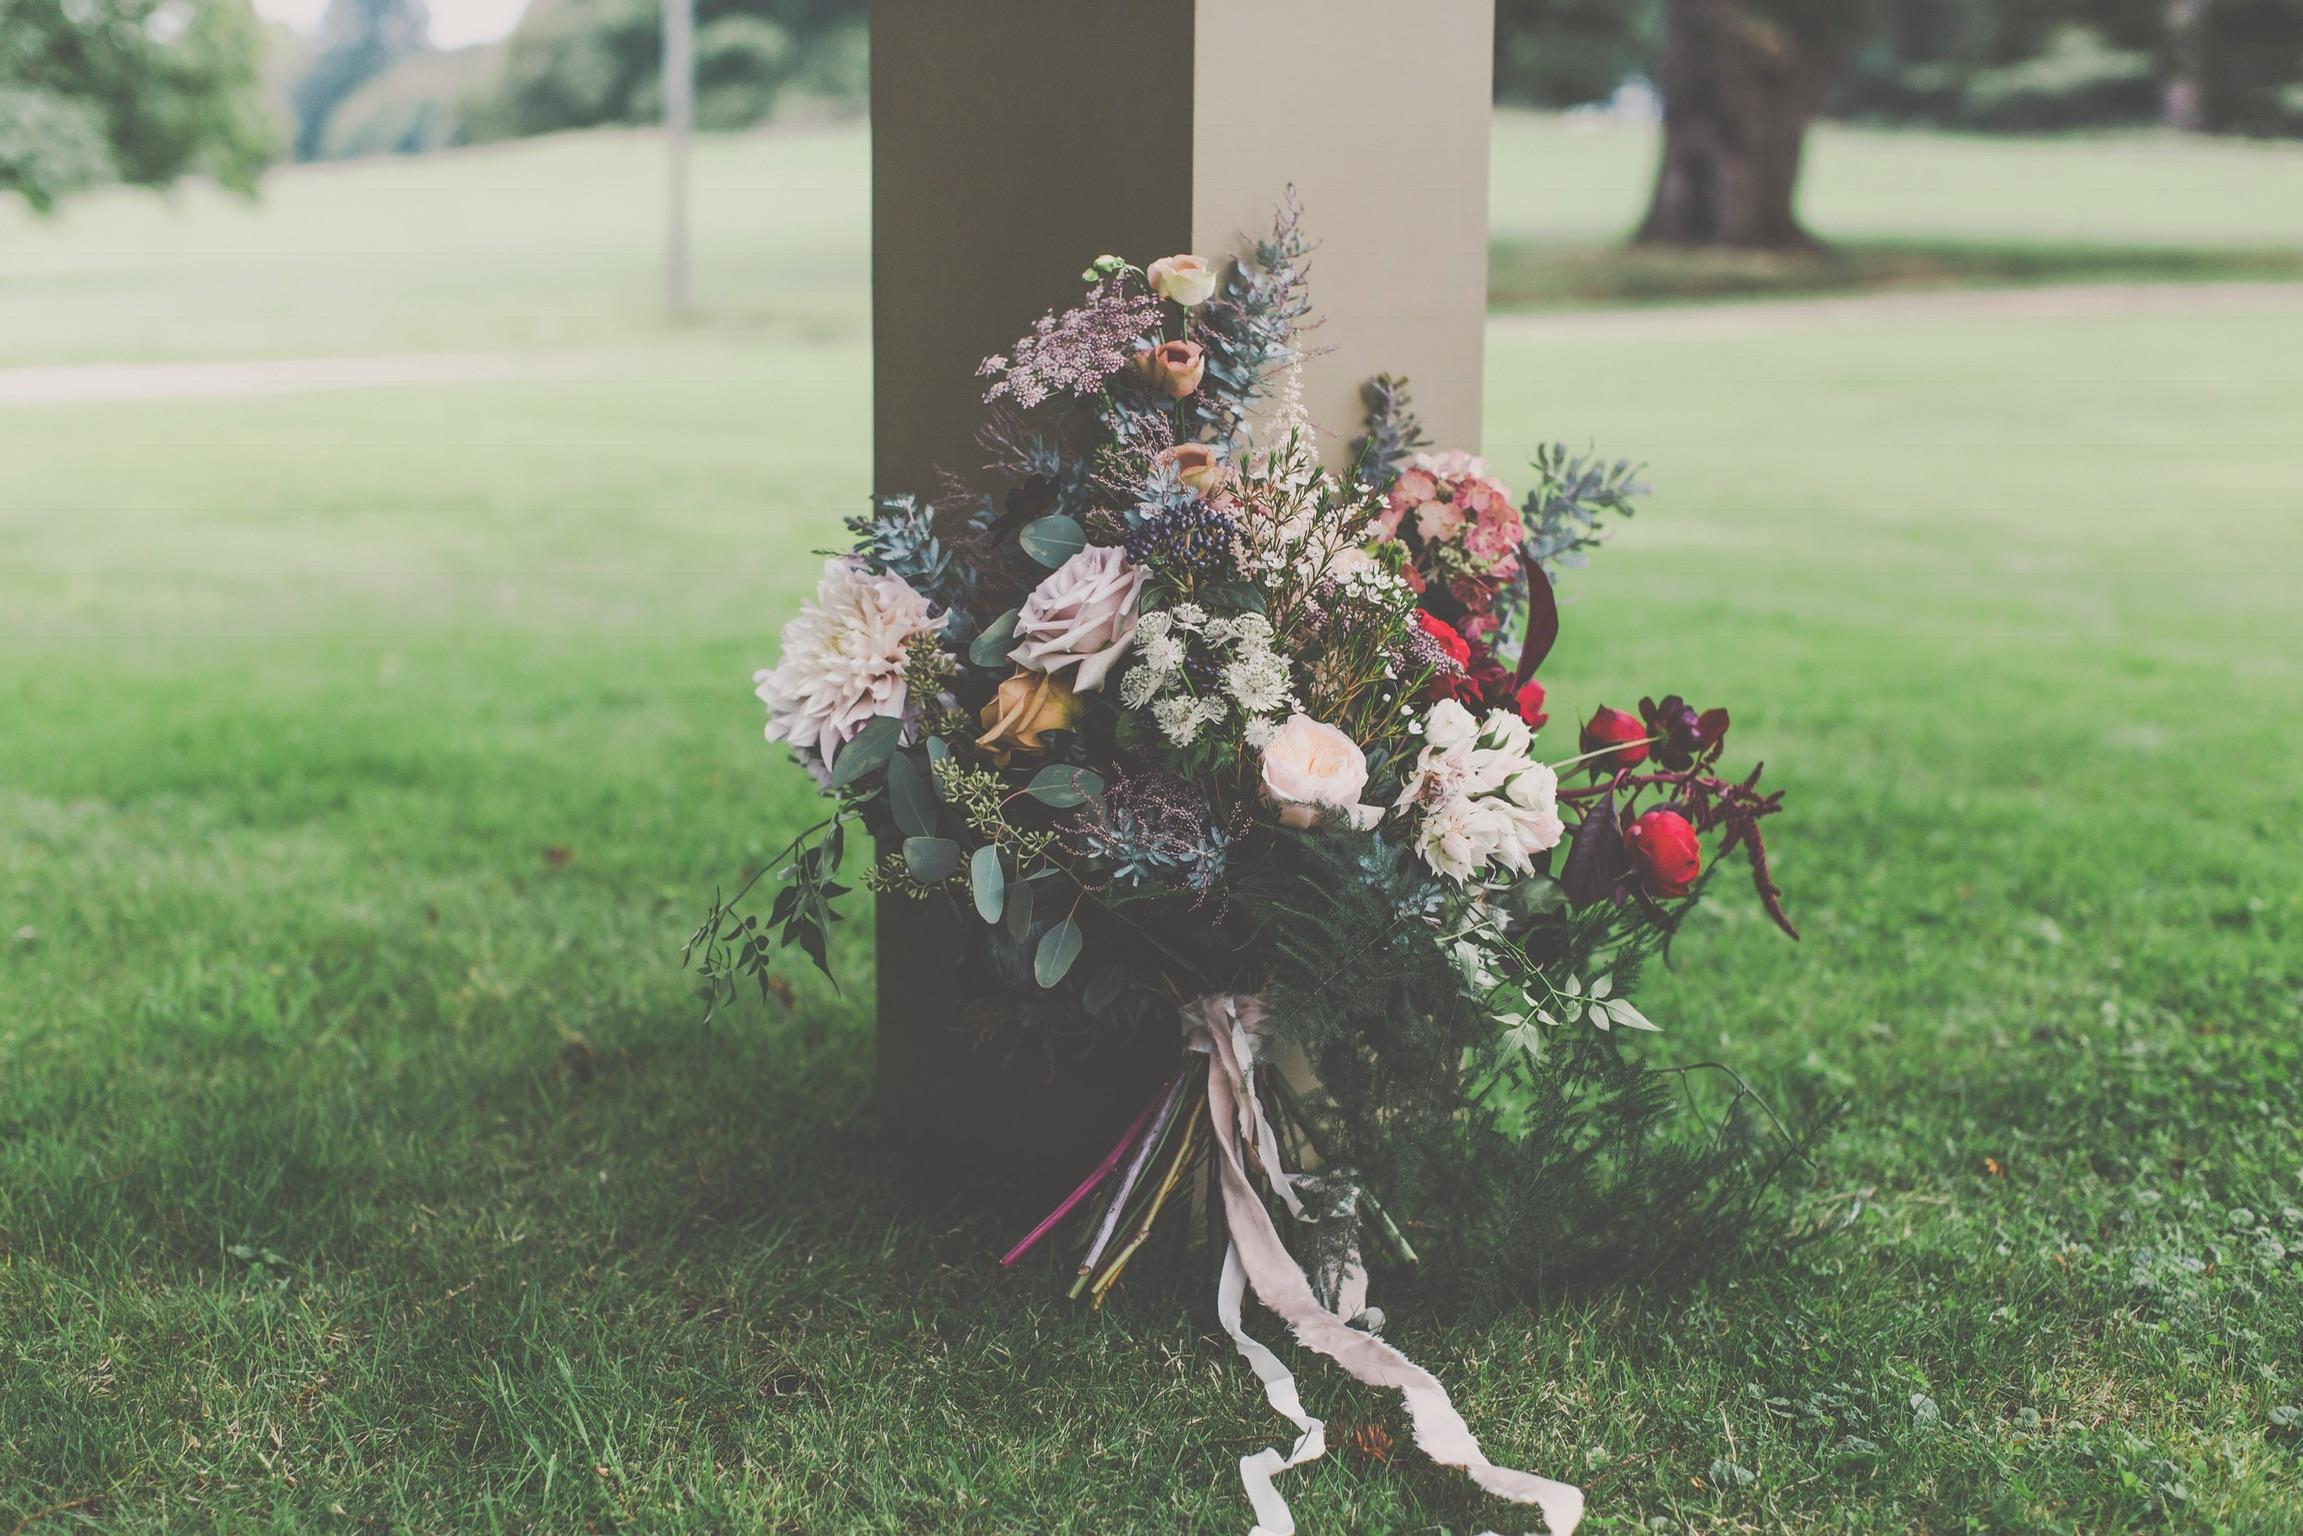 Saint Floral Autumn wedding flowers in newbury